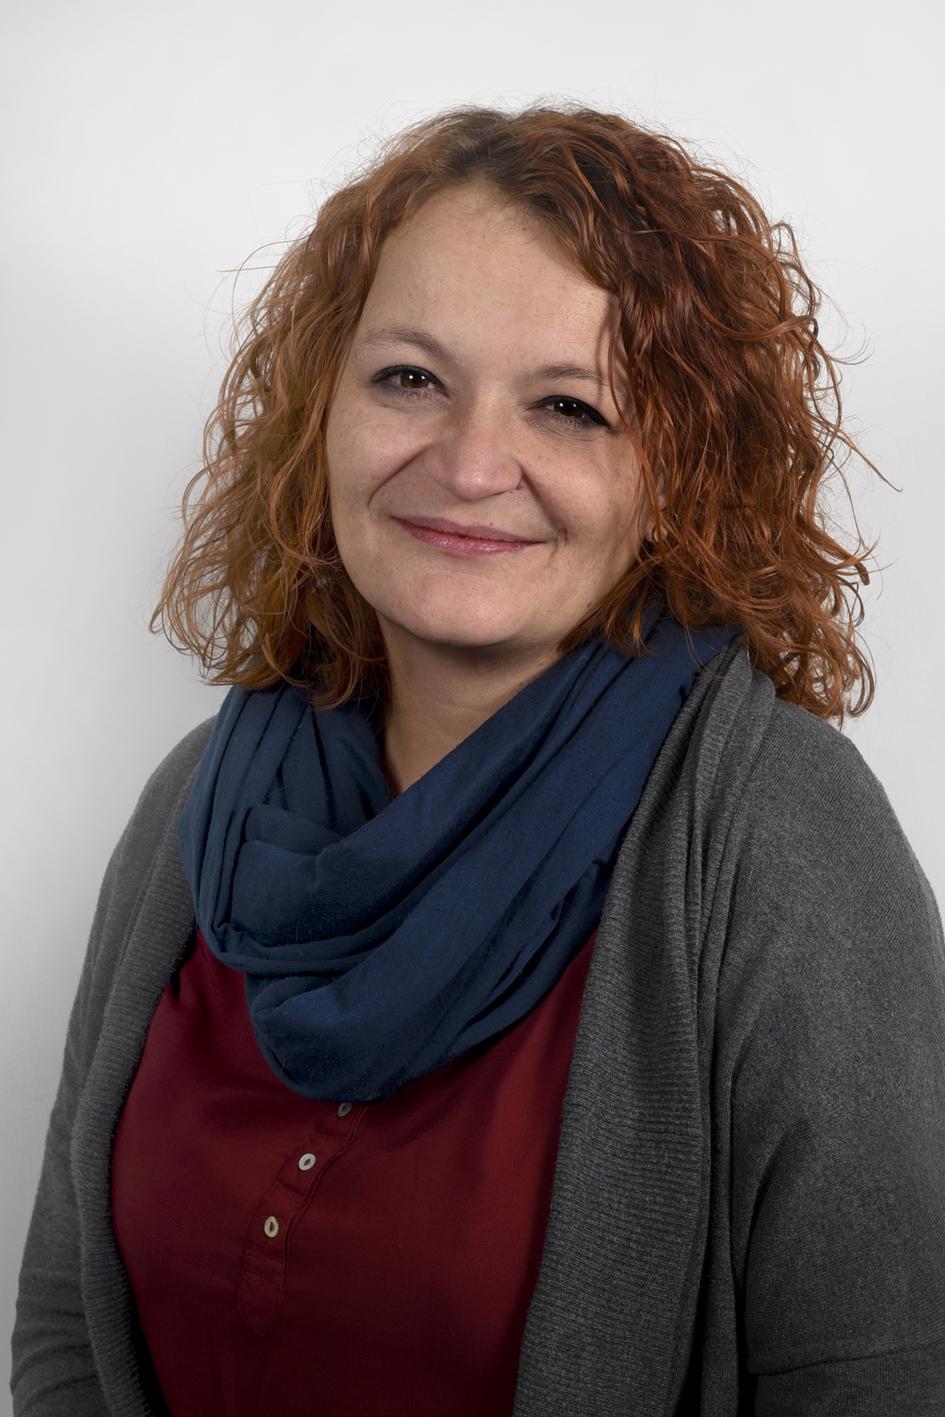 Bernadette Hallac